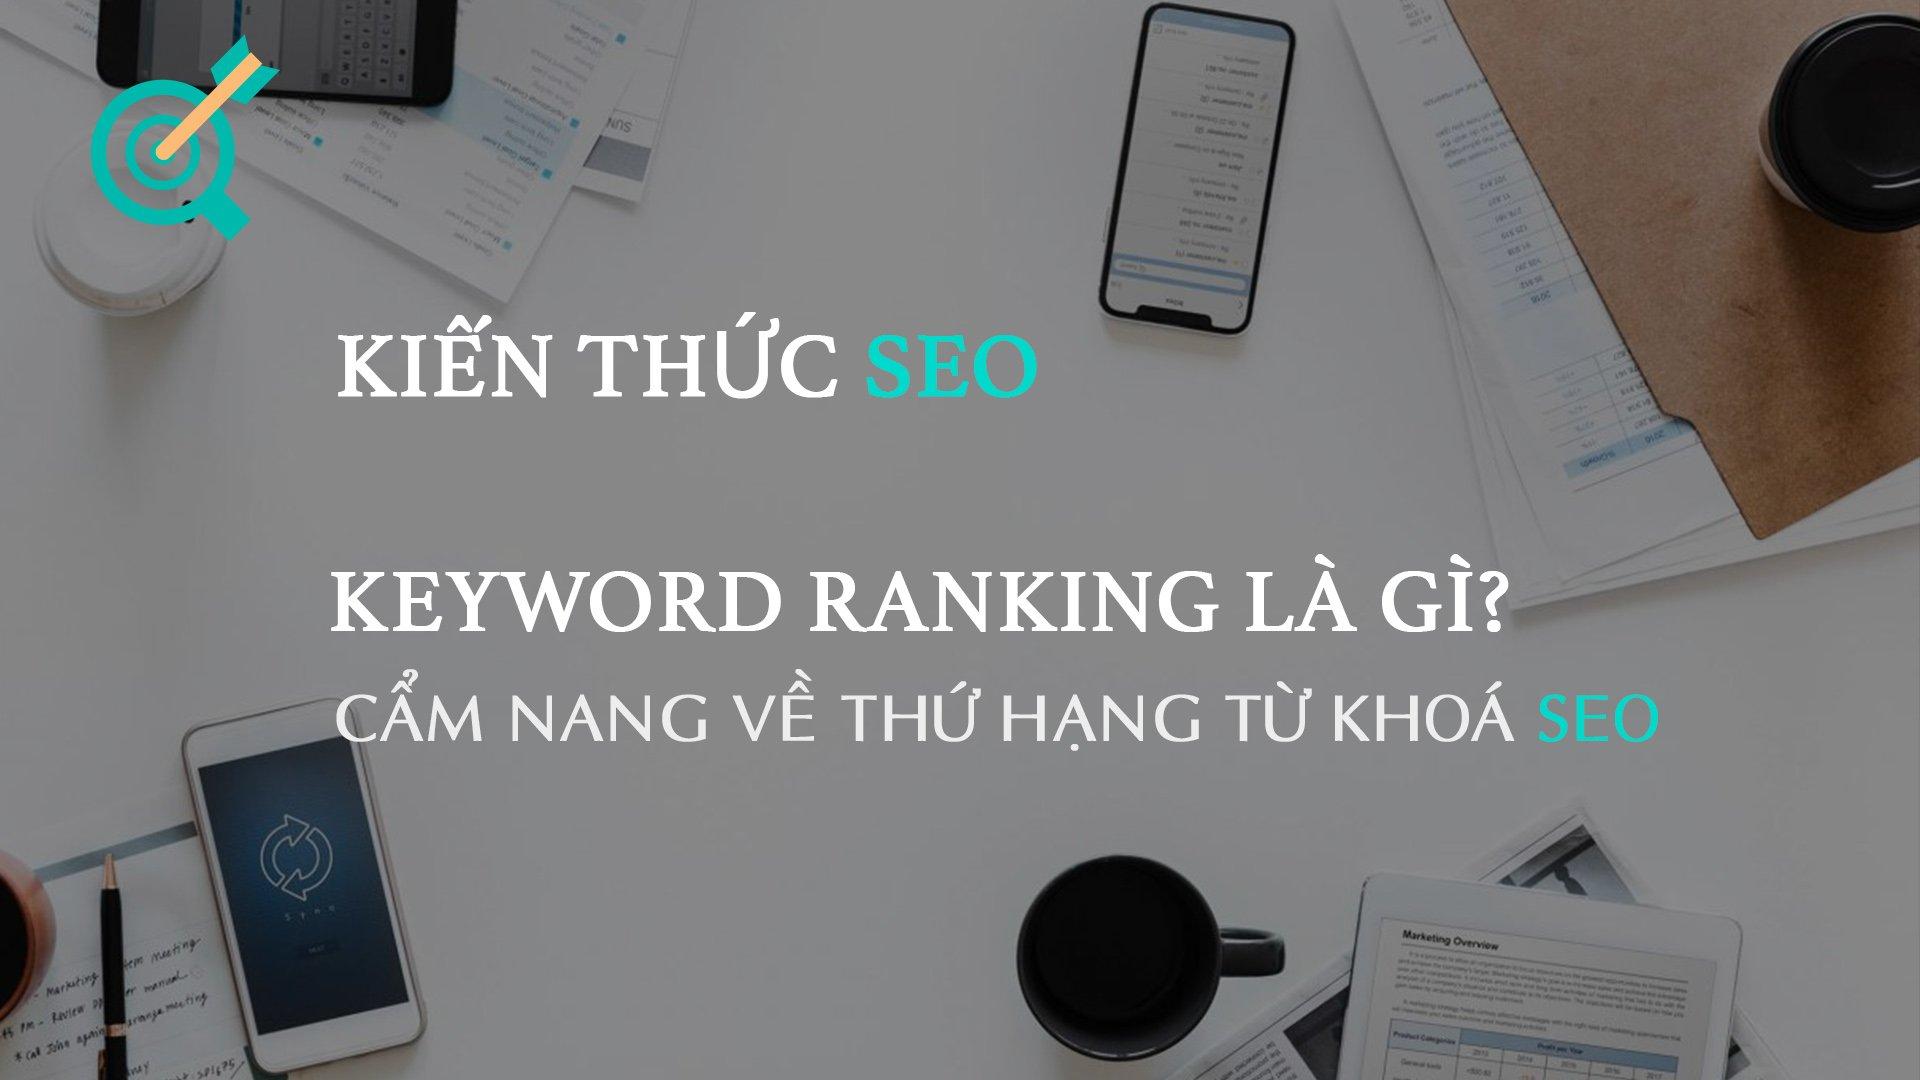 Top 5 công cụ kiểm tra thứ hạng từ khóa – Keyword ranking